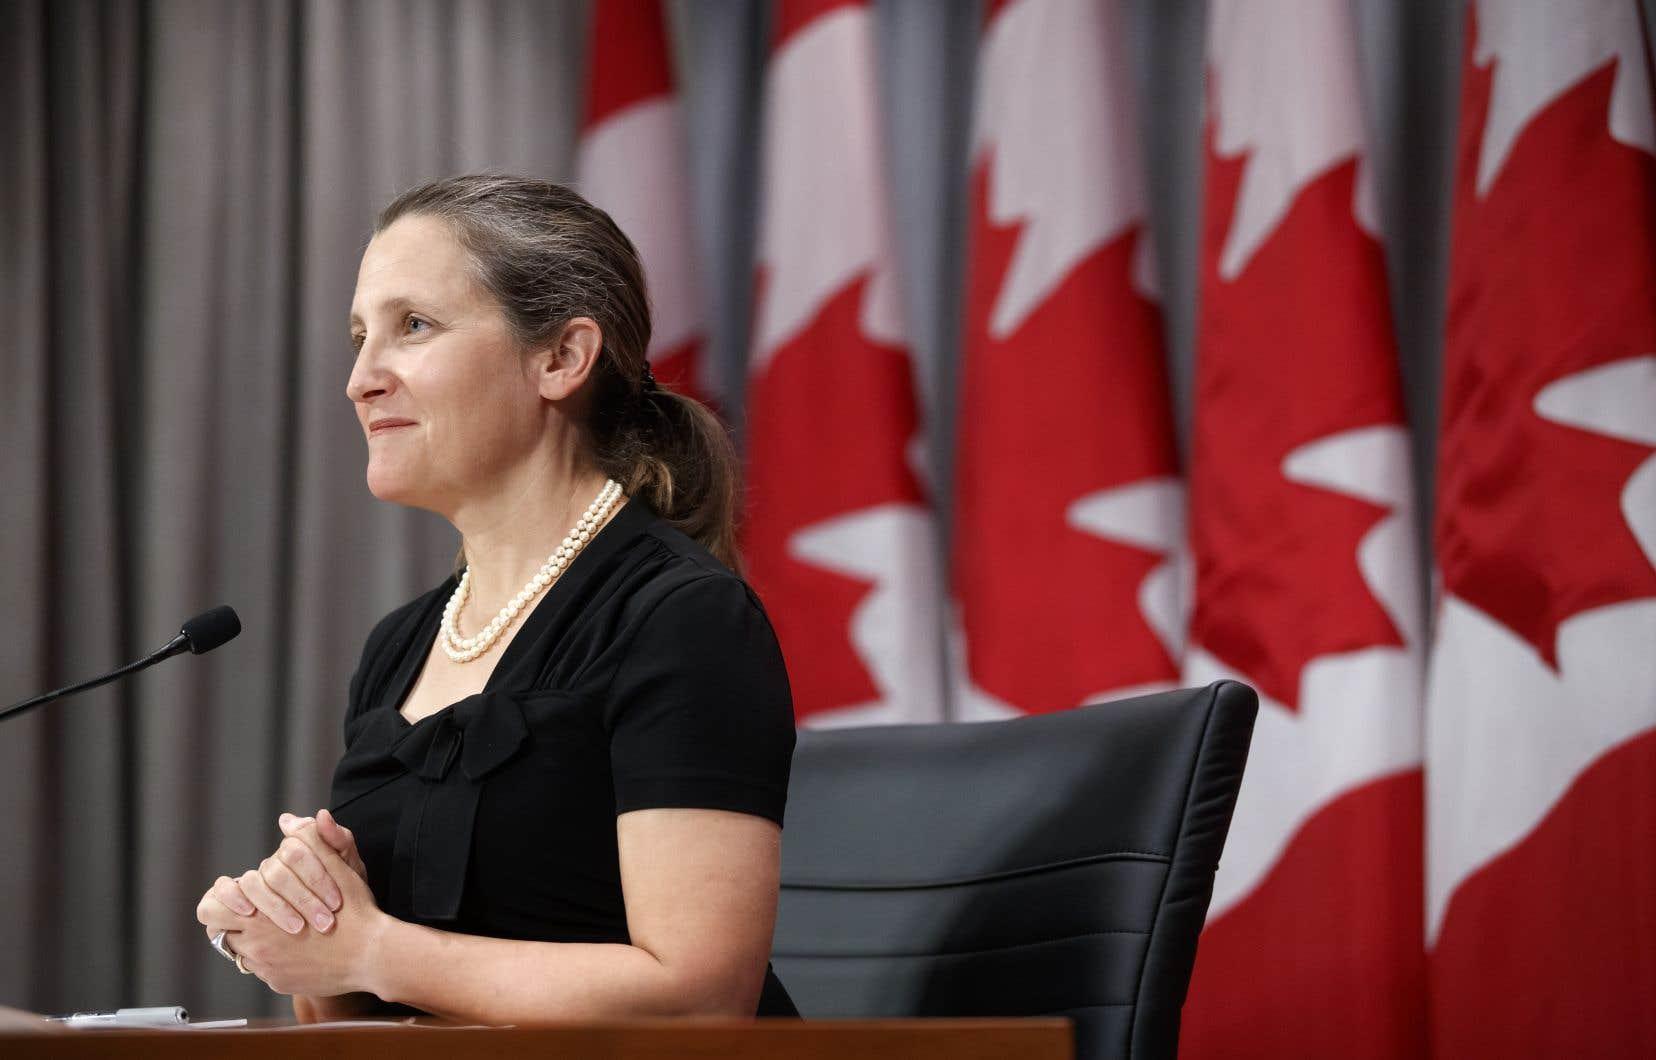 Chrystia Freeland a affirmé que les discussions avec Washington se poursuivent à quelques jours de l'entrée en vigueur des nouveaux tarifs douaniers américains sur l'aluminium canadien.